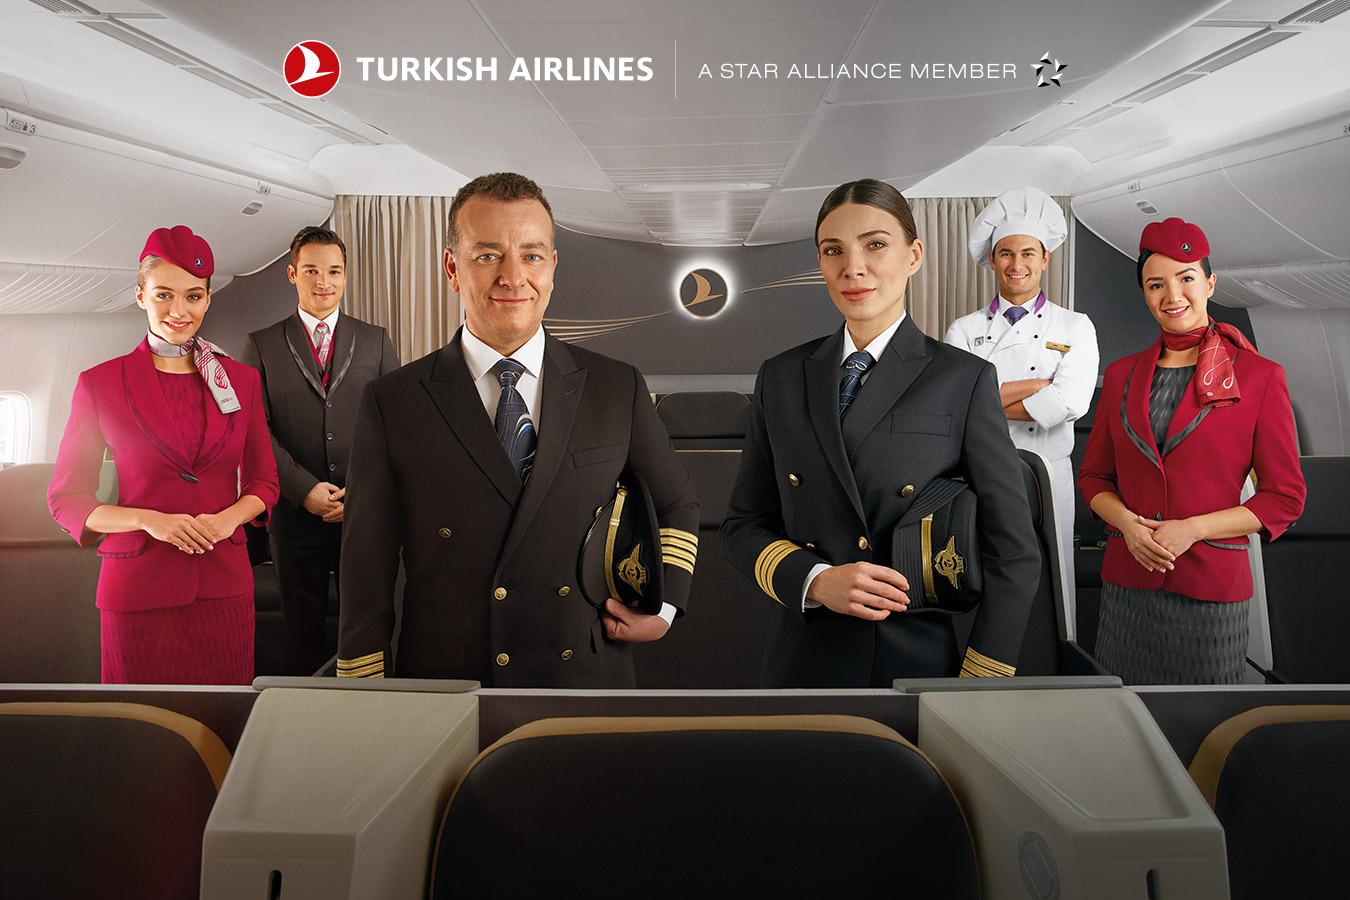 На что похож полет в бизнес-классе Boeing Dreamliner от Turkish Airlines?